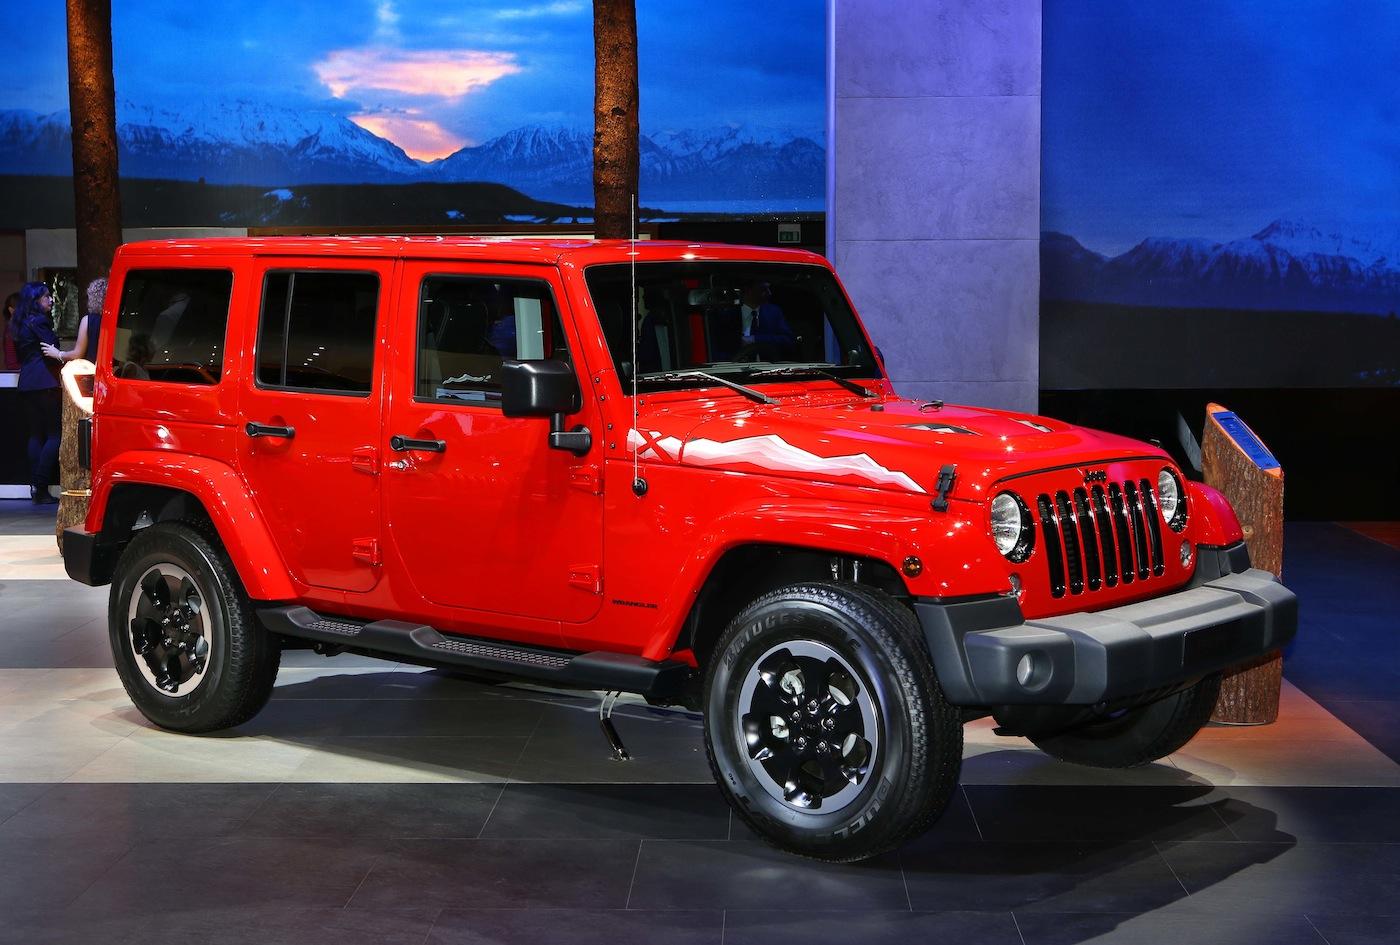 jeep wrangler x la nueva versi n especial del todoterreno. Black Bedroom Furniture Sets. Home Design Ideas